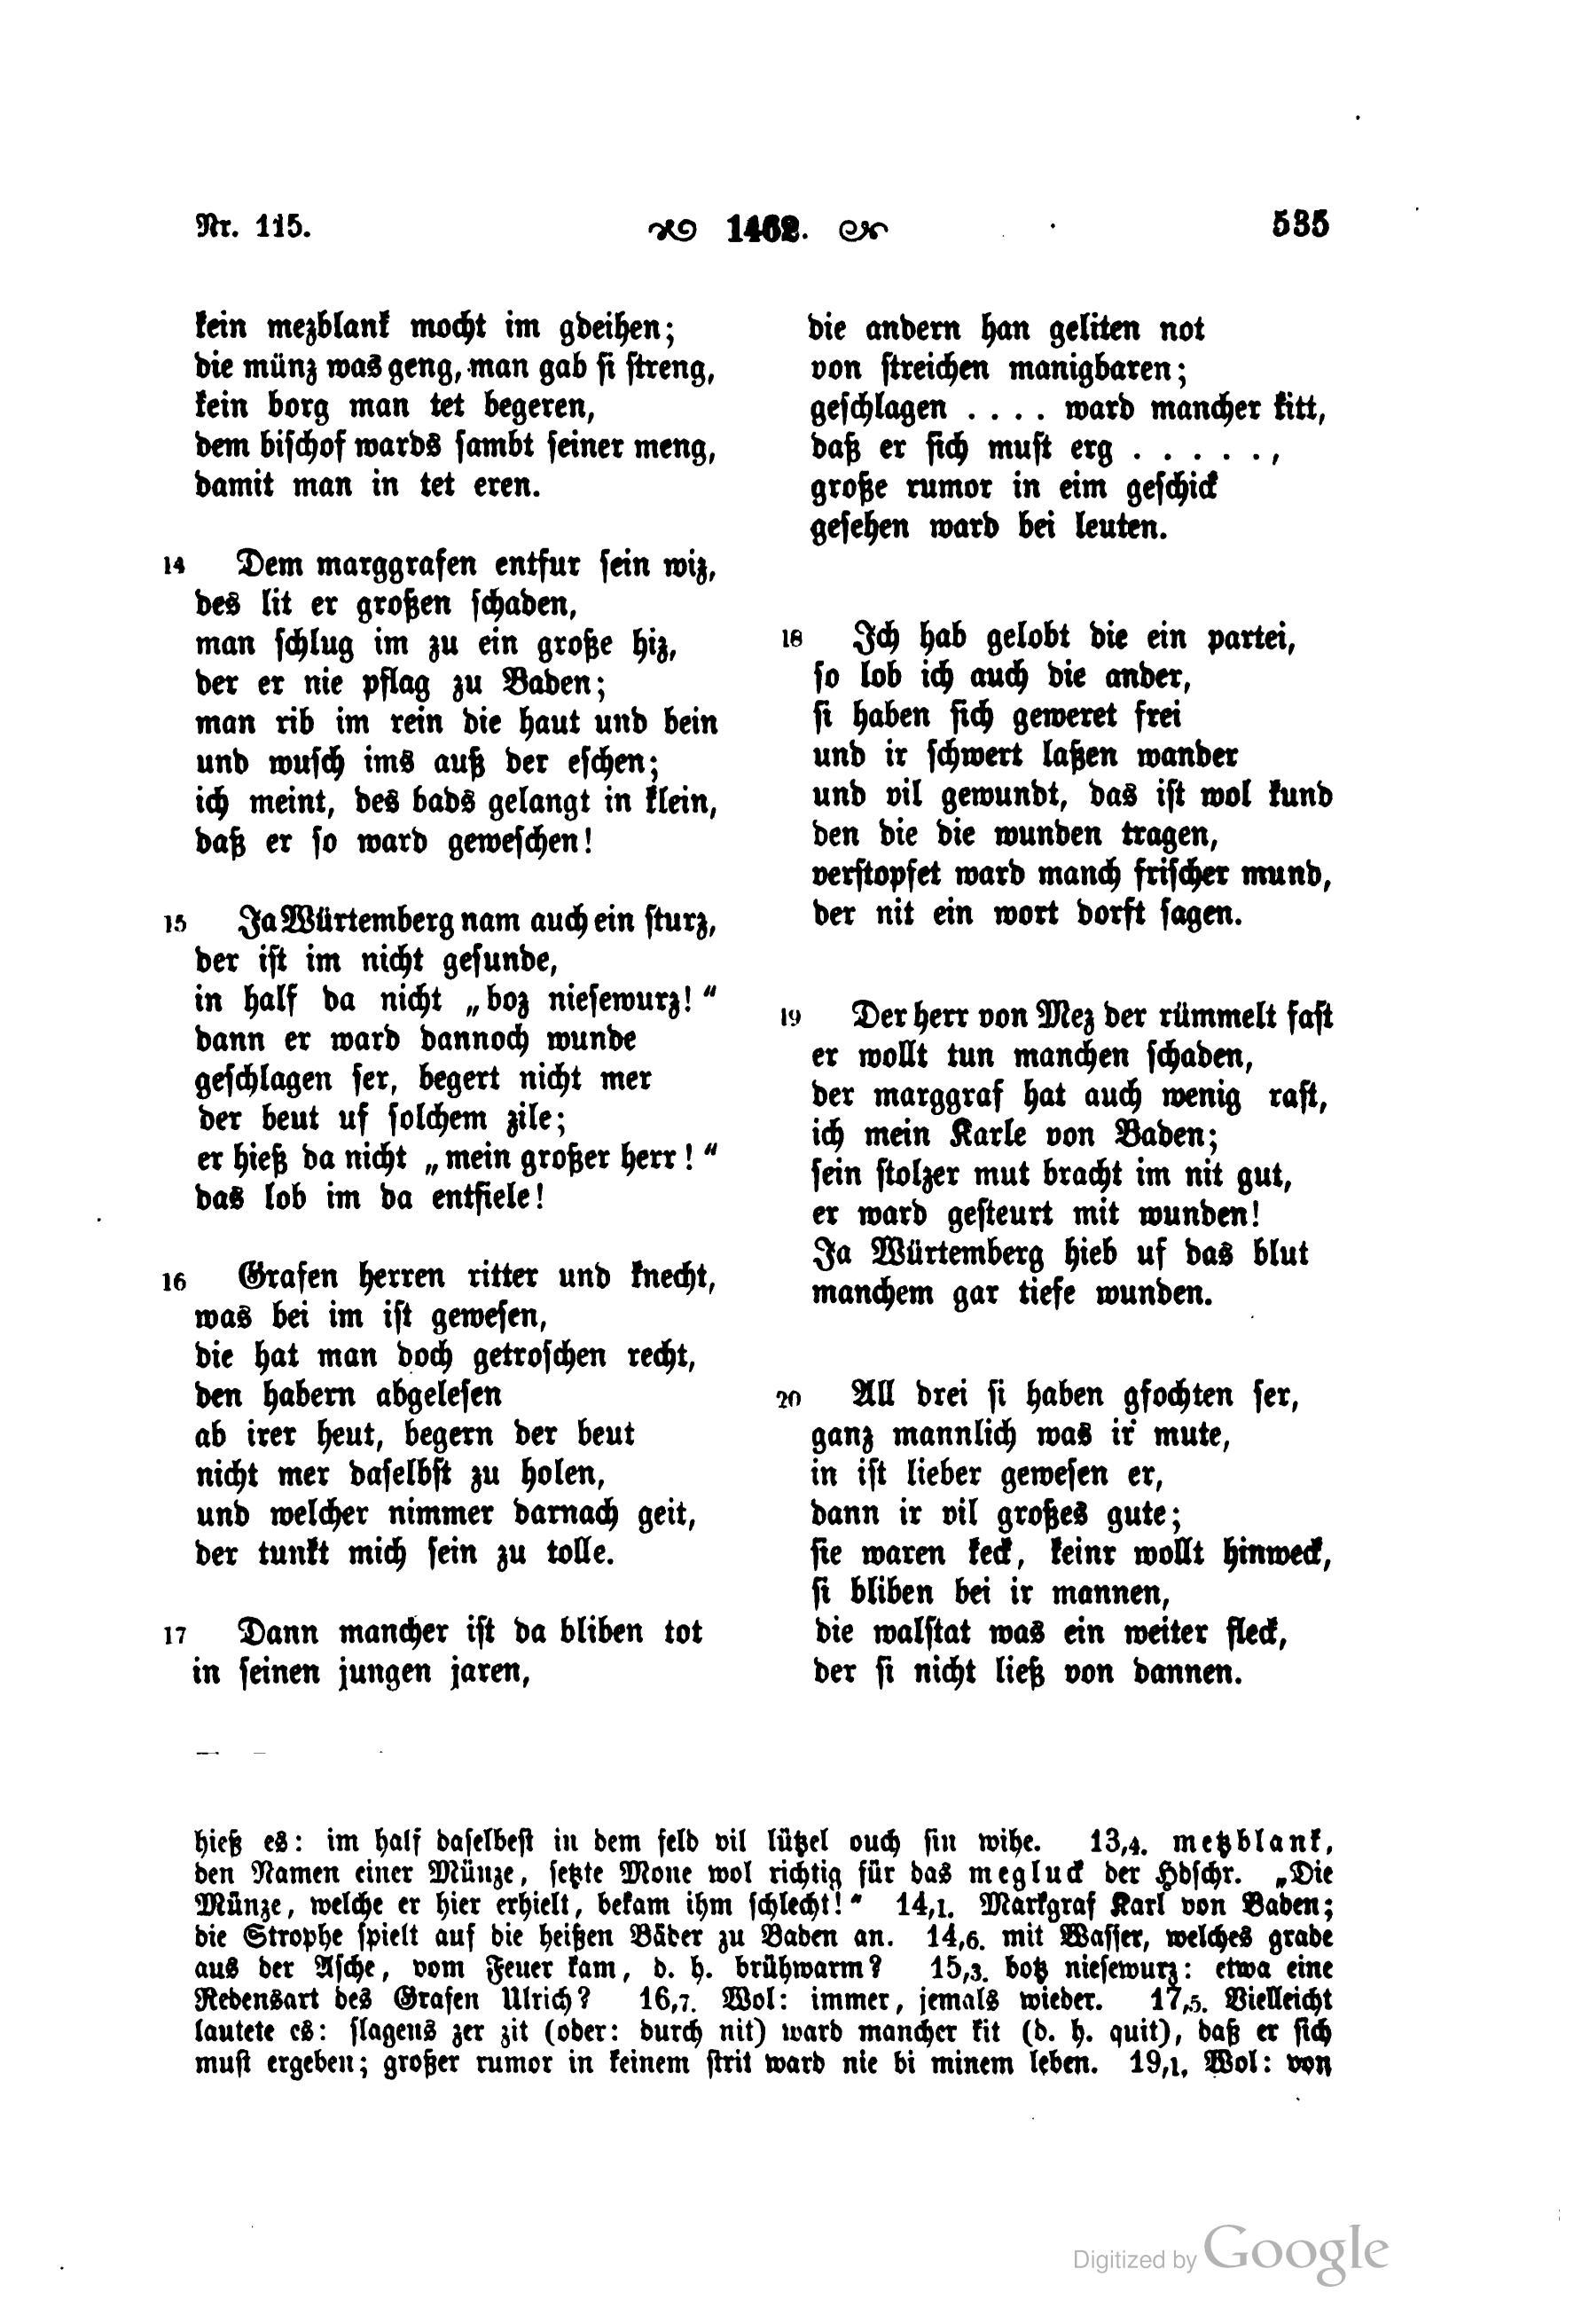 File:Liliencron Die Historischen Volkslieder der Deutschen 1 535.jpg ...